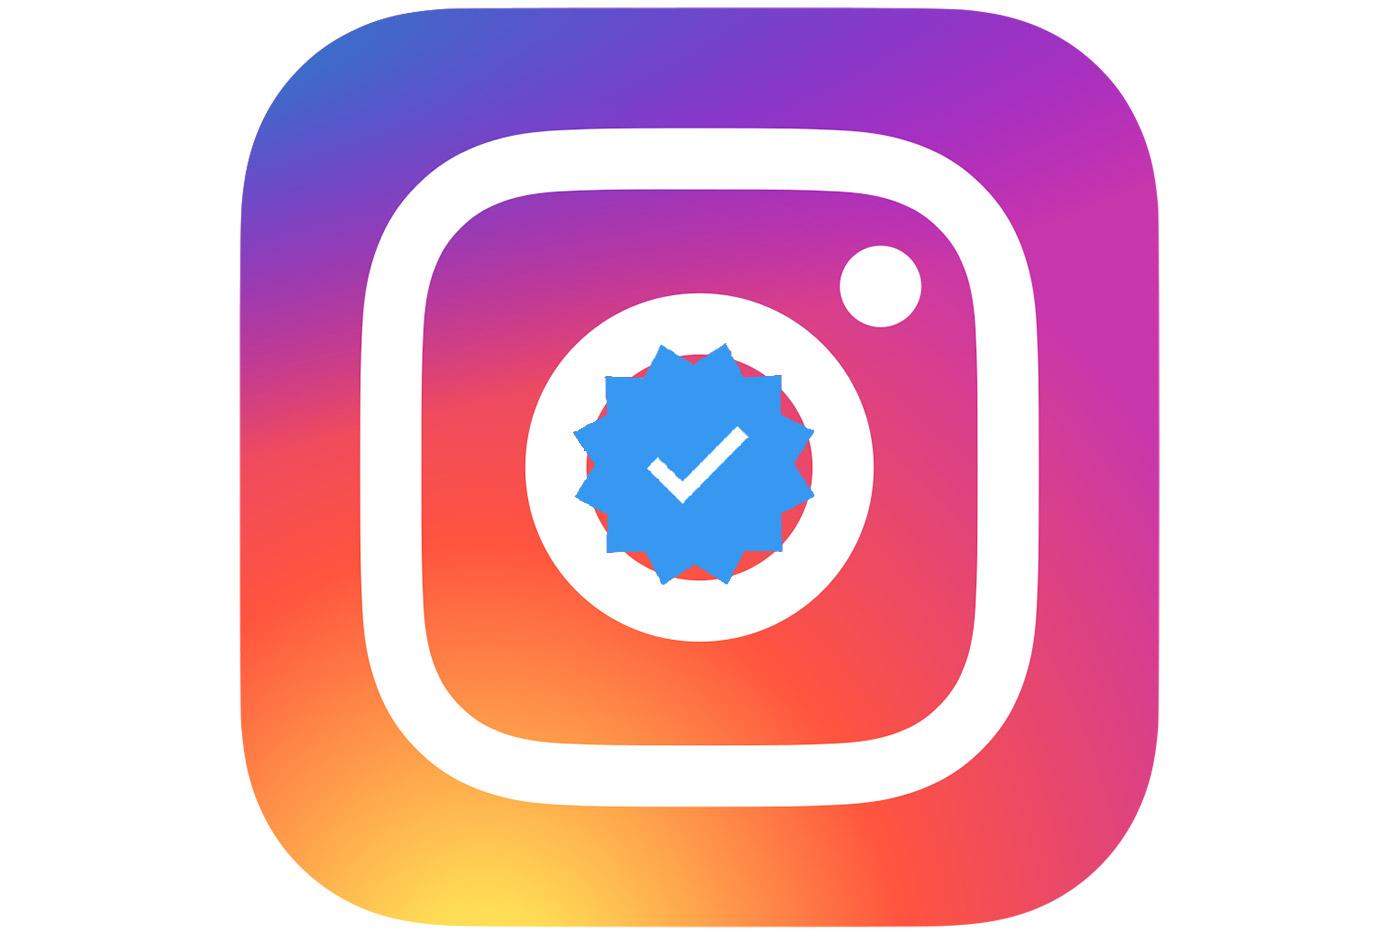 Notizie blogger blogspot ncr: Instagramdown Il social network è tornato  attivo da poco. Su Twitter l'hashtag è balzato al terzo posto